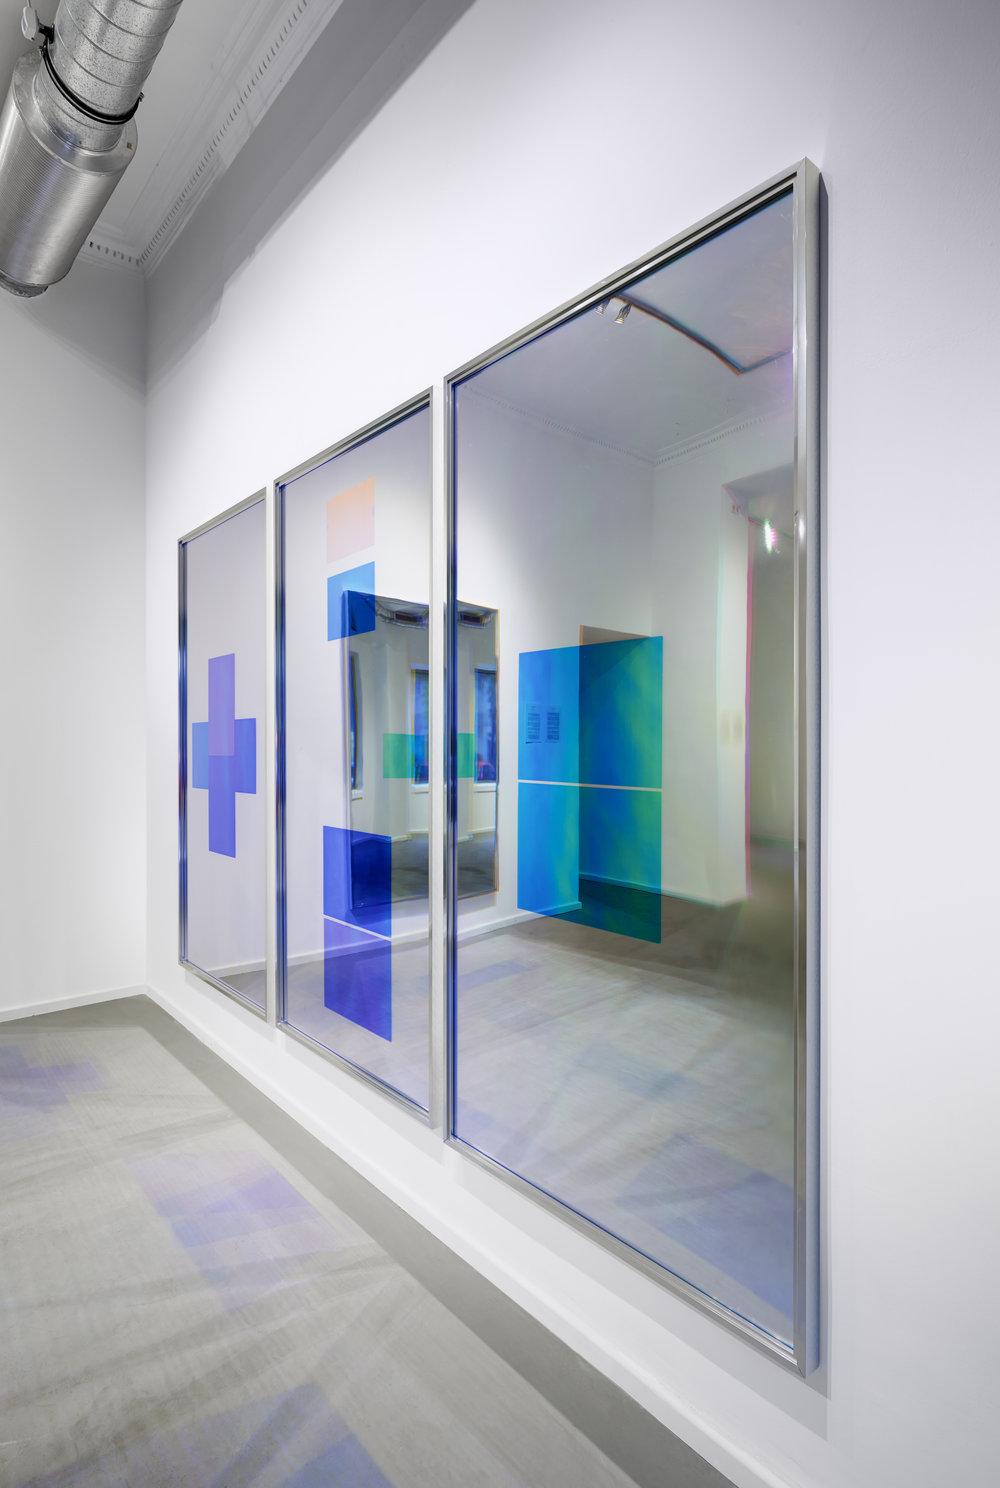 Spiegel im Spiegel -Installation view (2014) Acrylic foil on mirror beneath Radiant Plexiglas, aluminium frame structure.